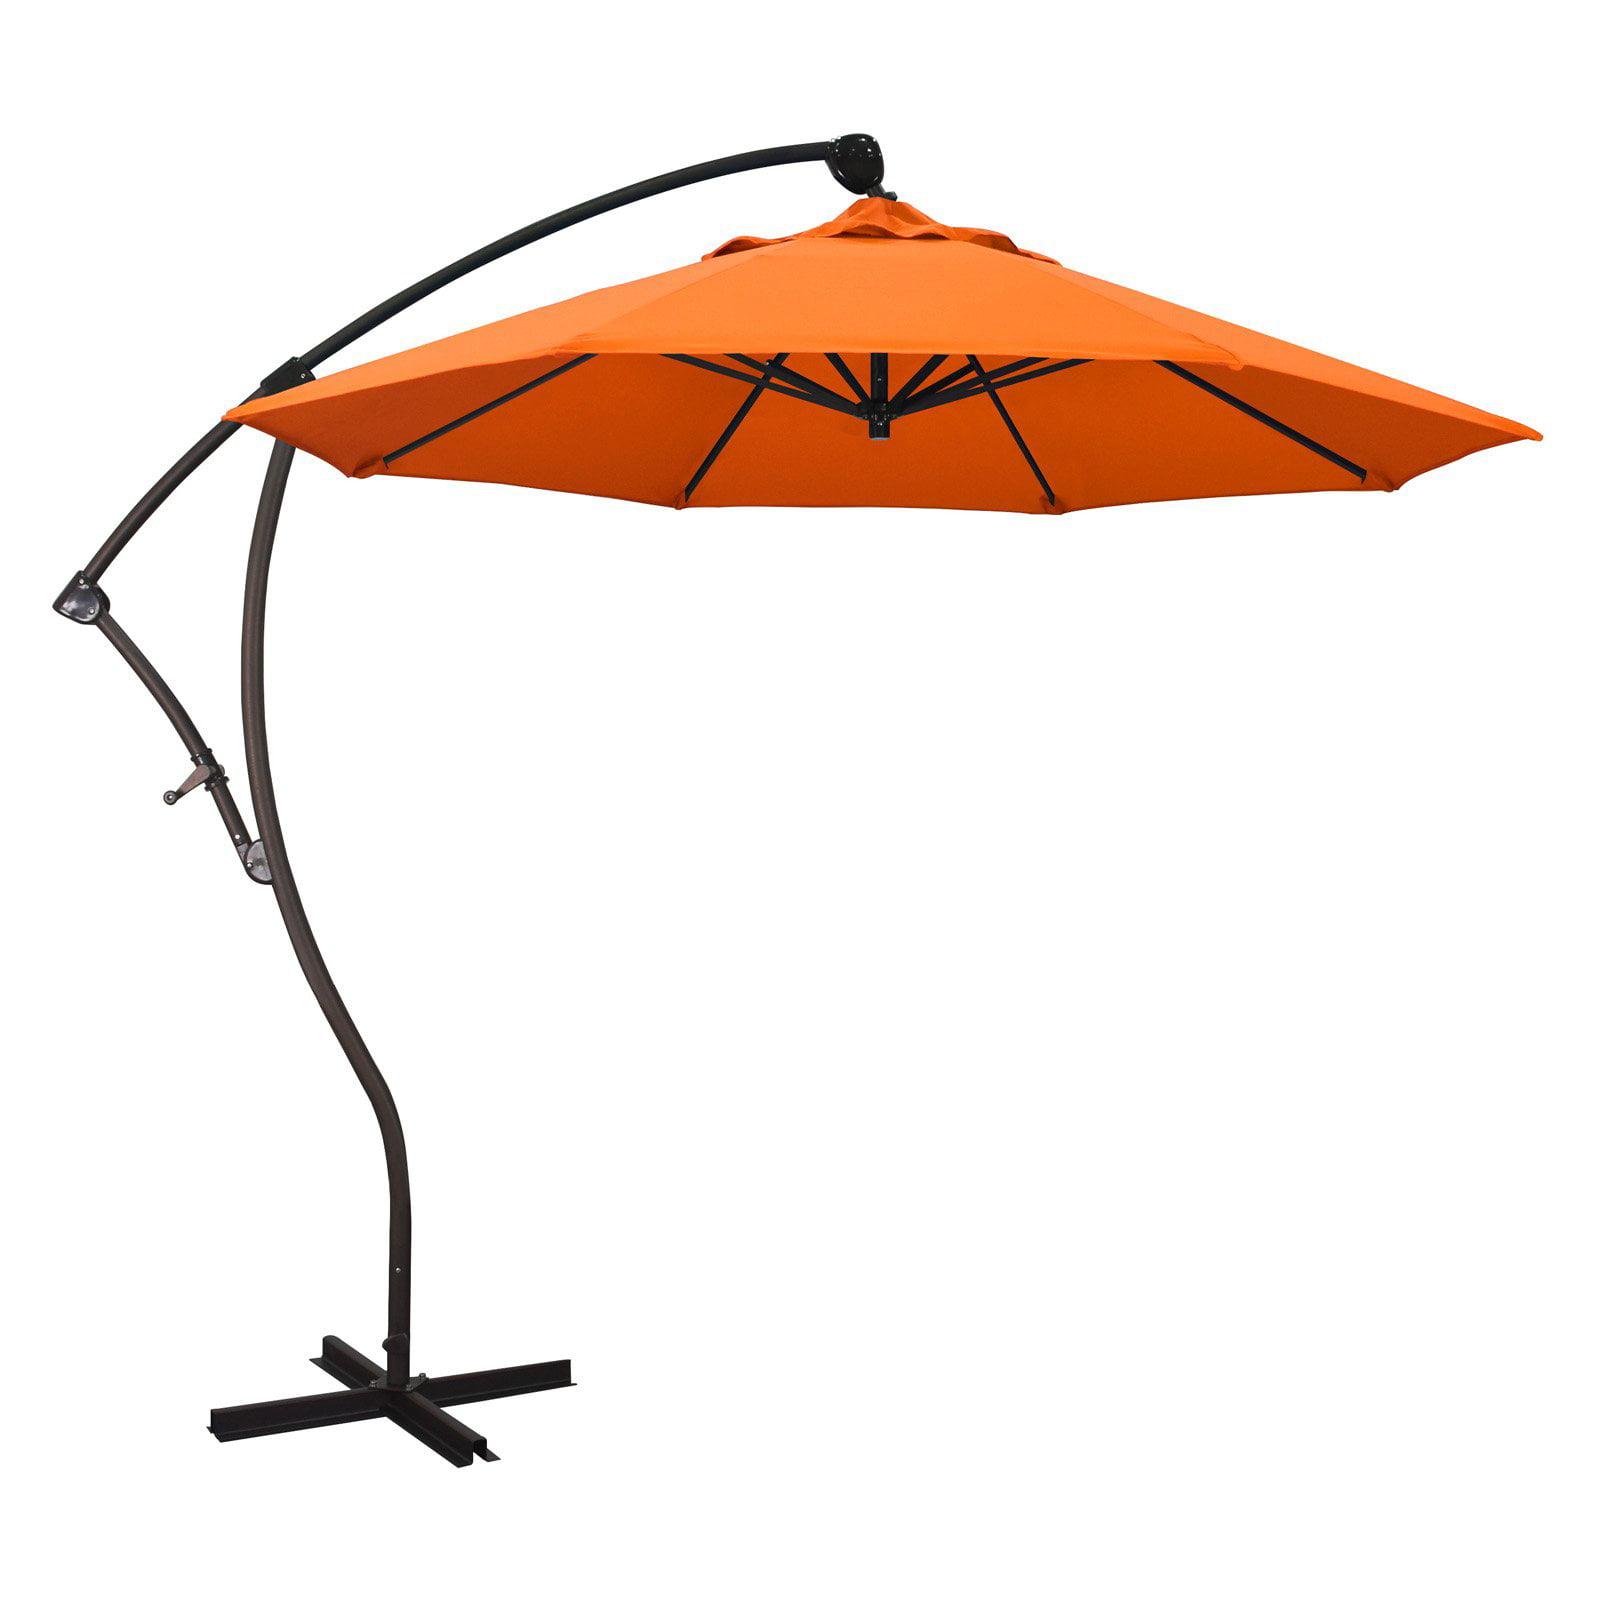 California Umbrella 9 ft. Sunbrella Rotating Offset Umbrella